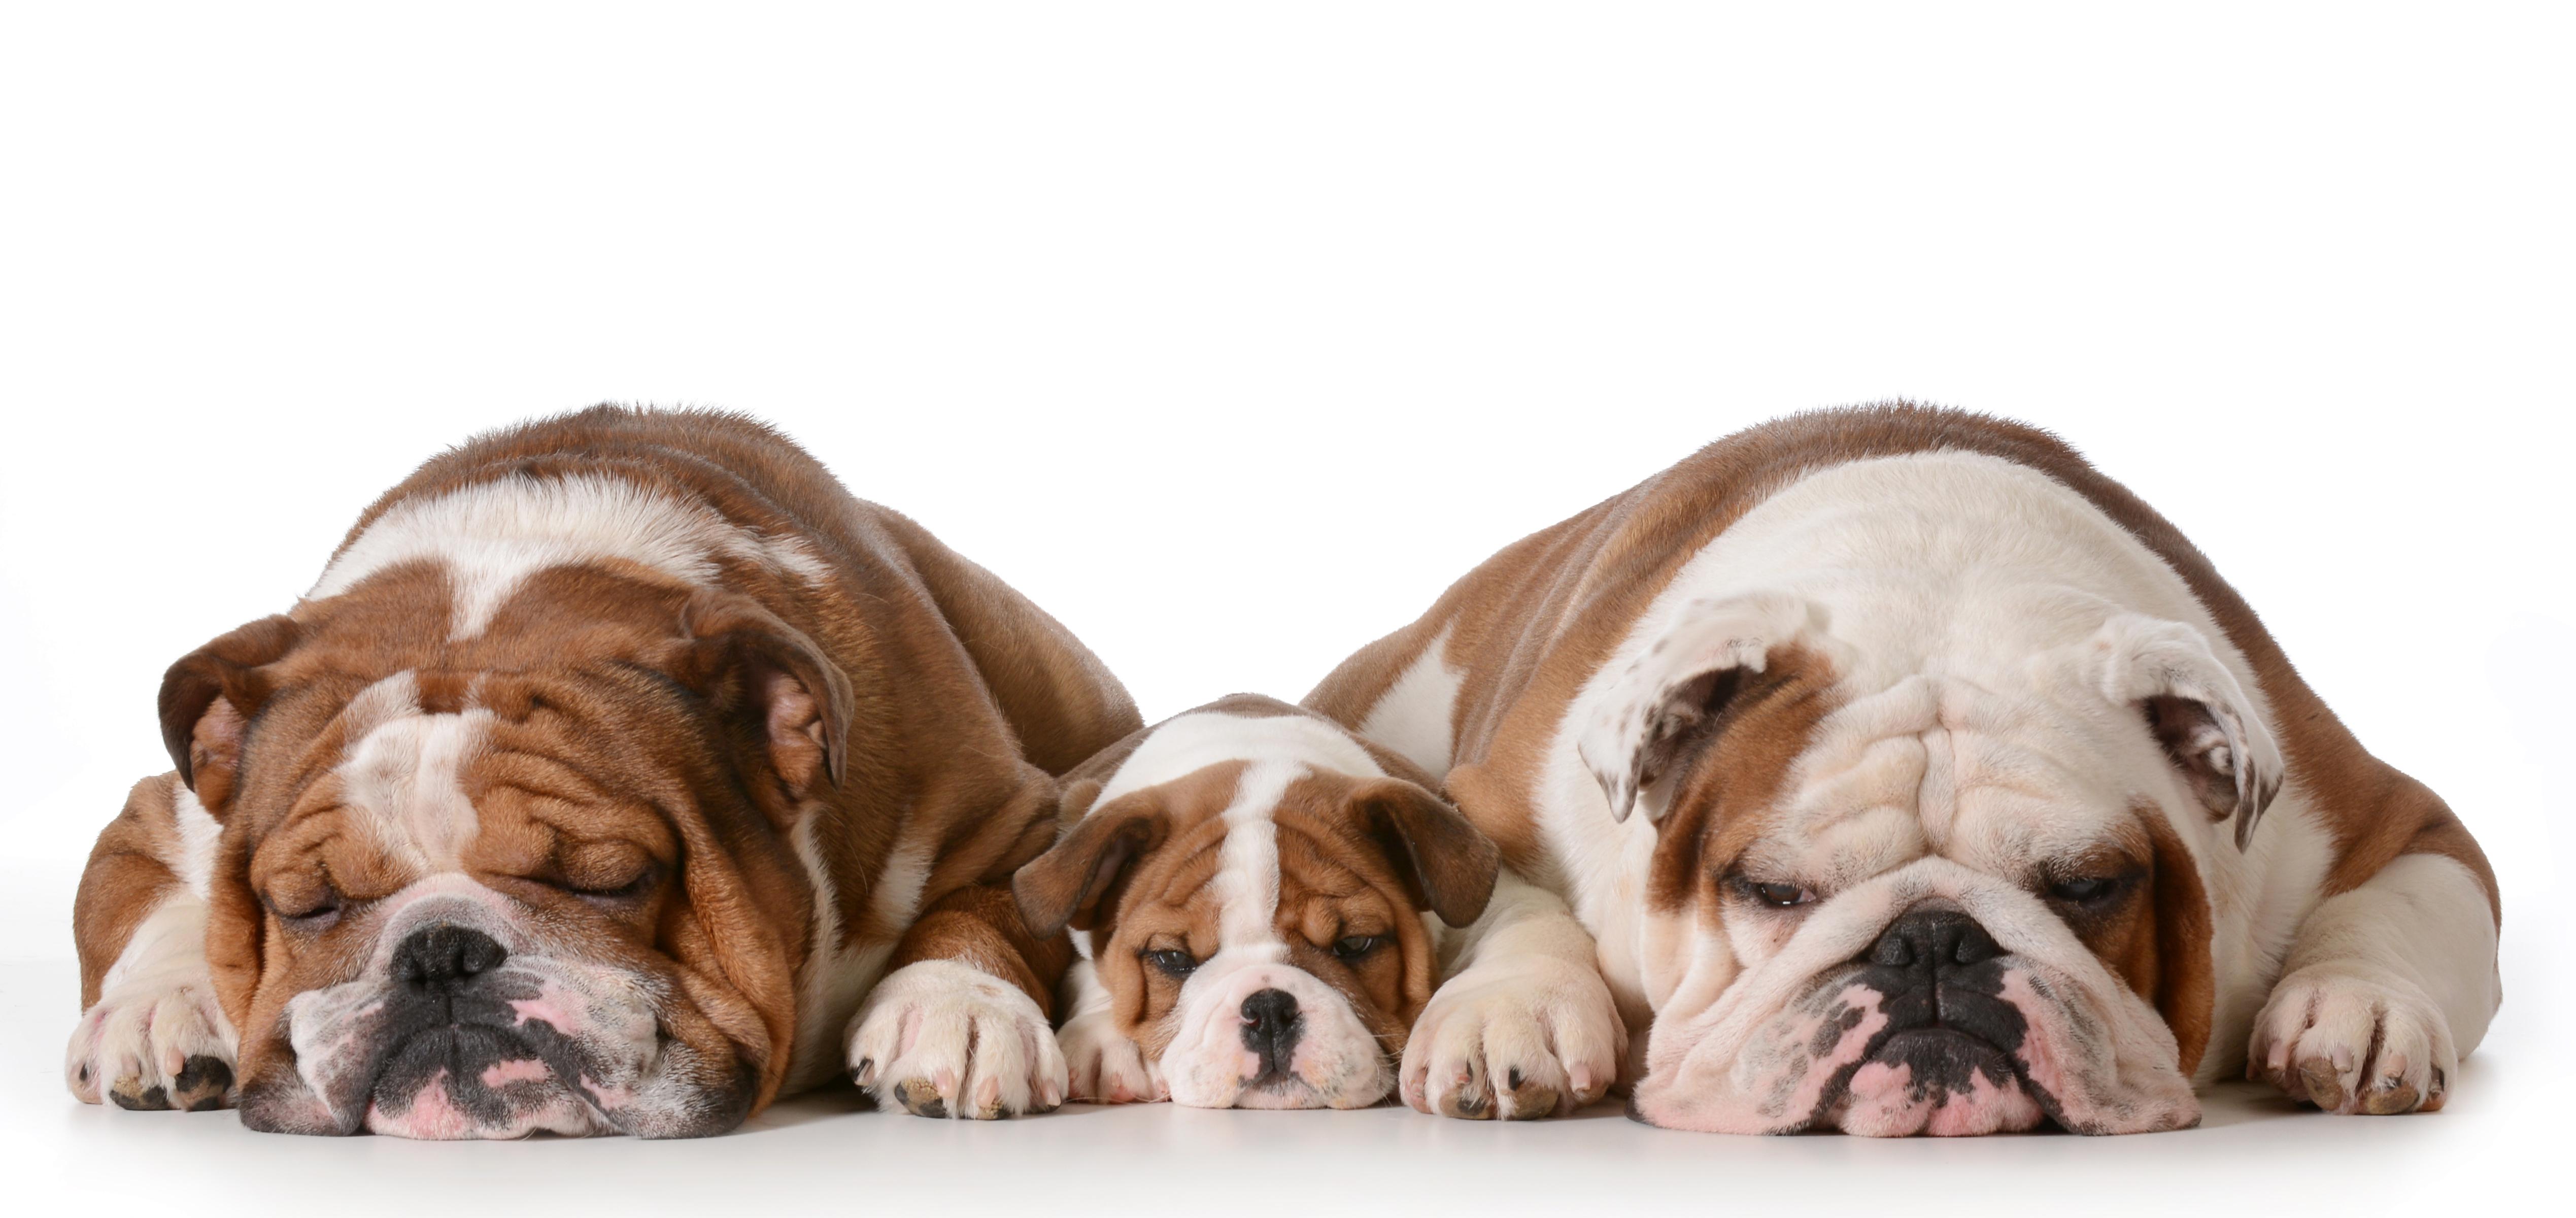 Fondos De Pantalla 5076x2400 Perro El Fondo Blanco Tres 3 Cachorro Bulldog Animalia Descargar Imagenes